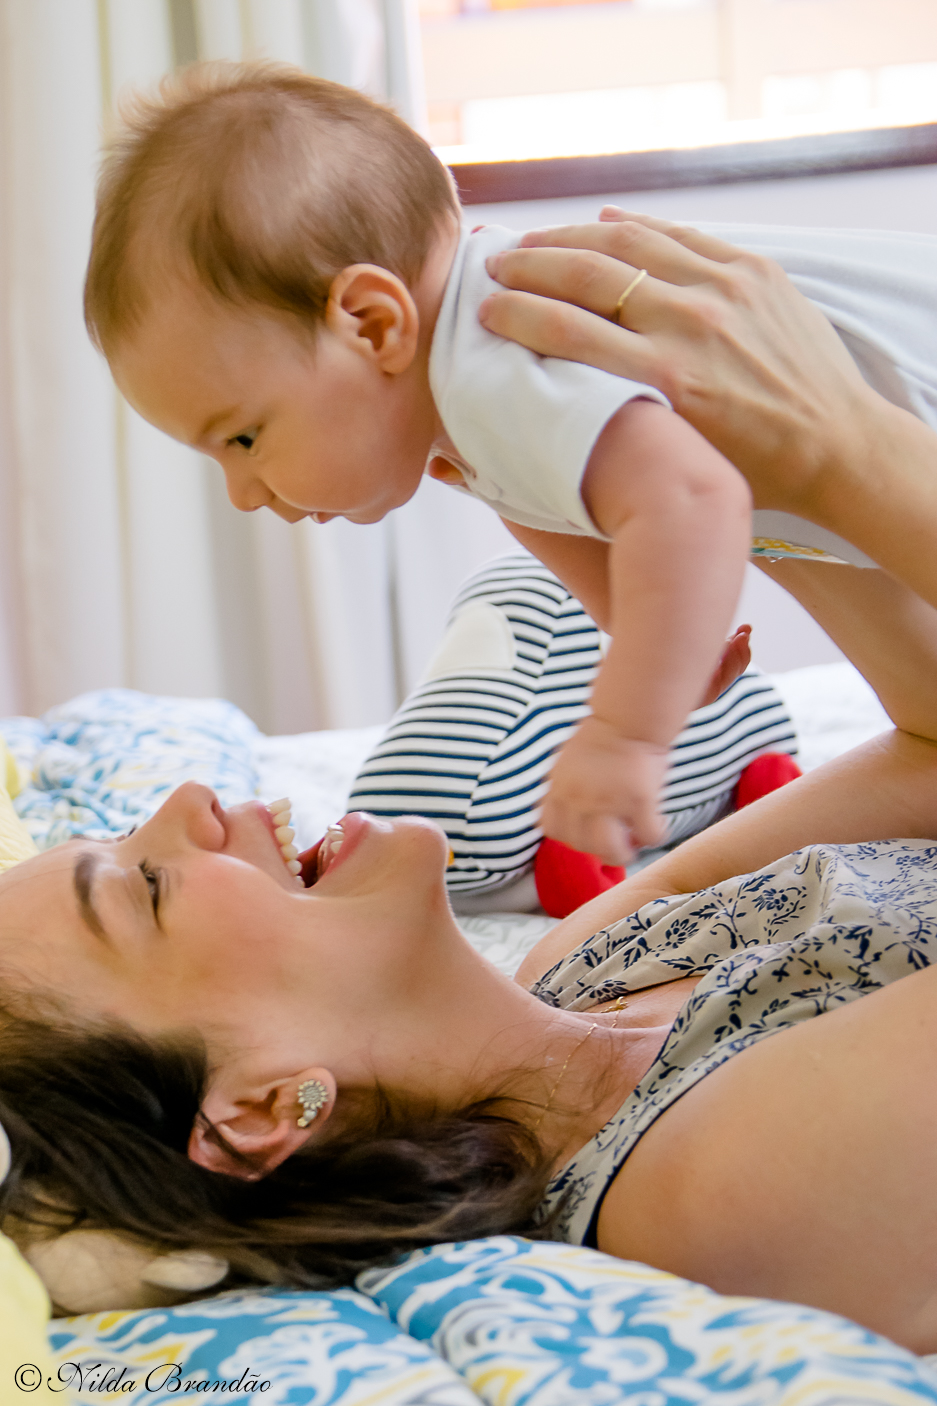 Quer coisa mais bonita que uma mãe com seu bebê? fotografias life style são otimas para relembrar os primeiros meses do bebê